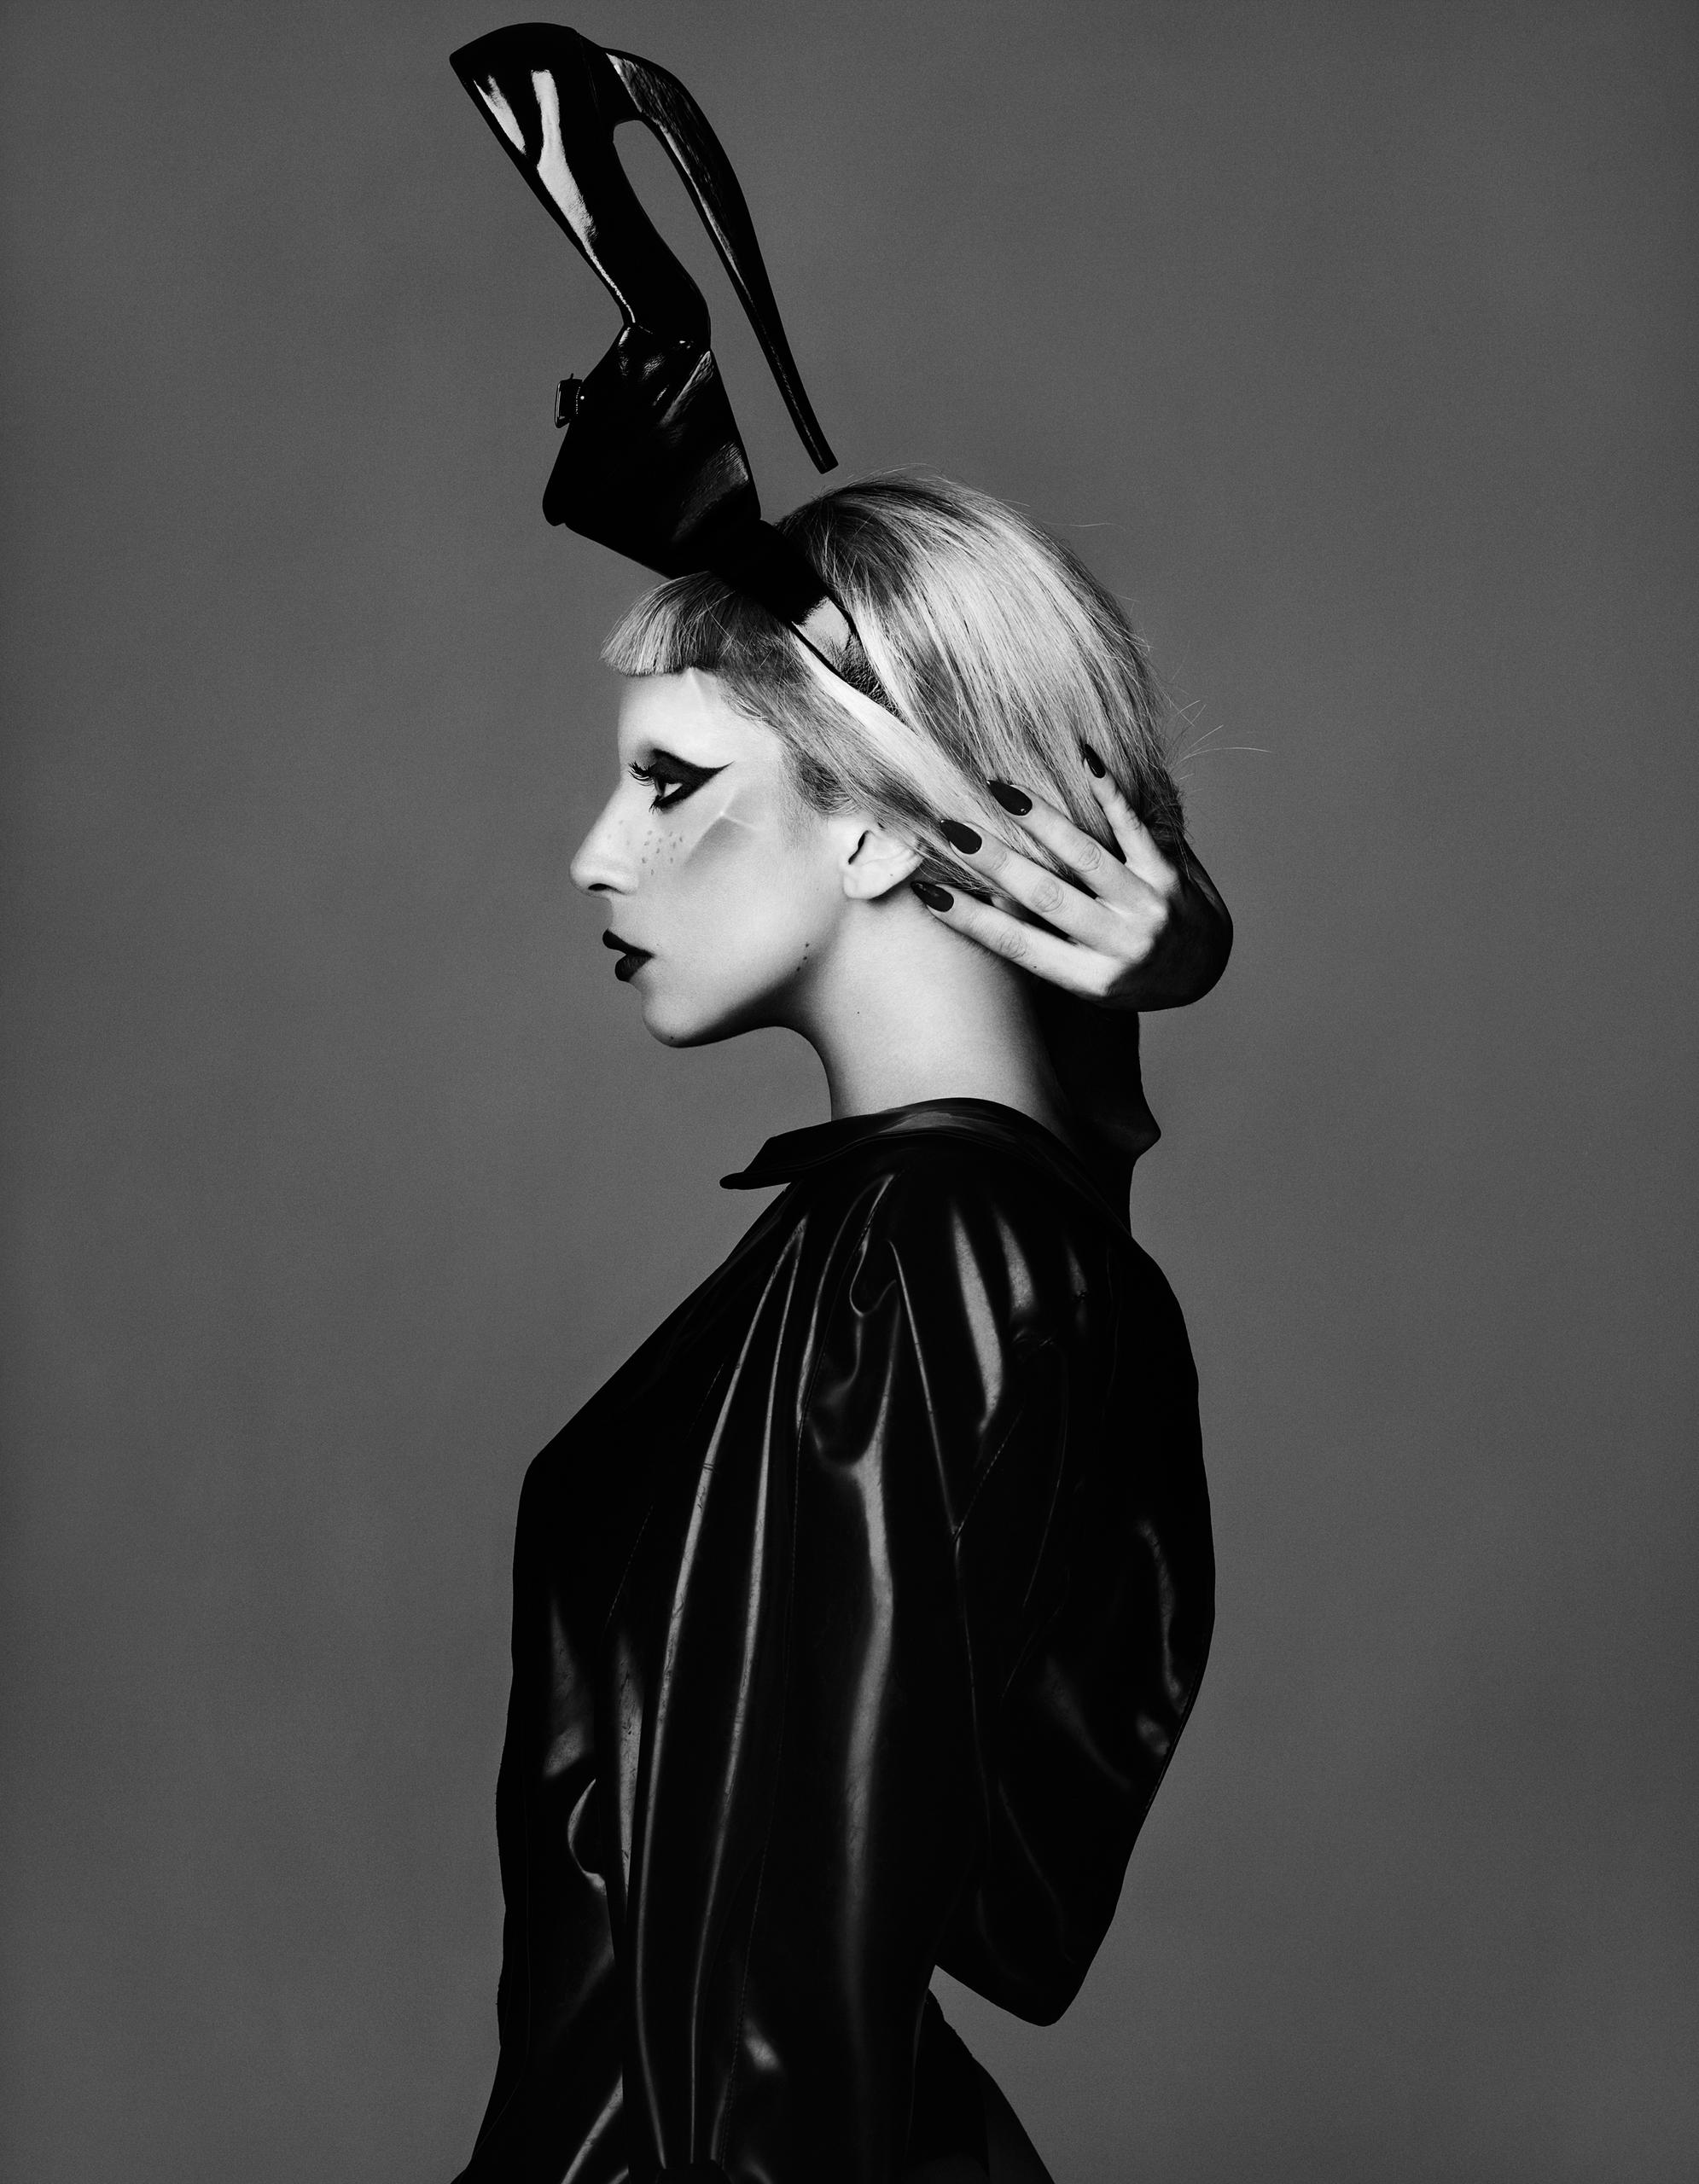 Lady Gaga - Mariano Vivanco Photoshoot (Super HQ)